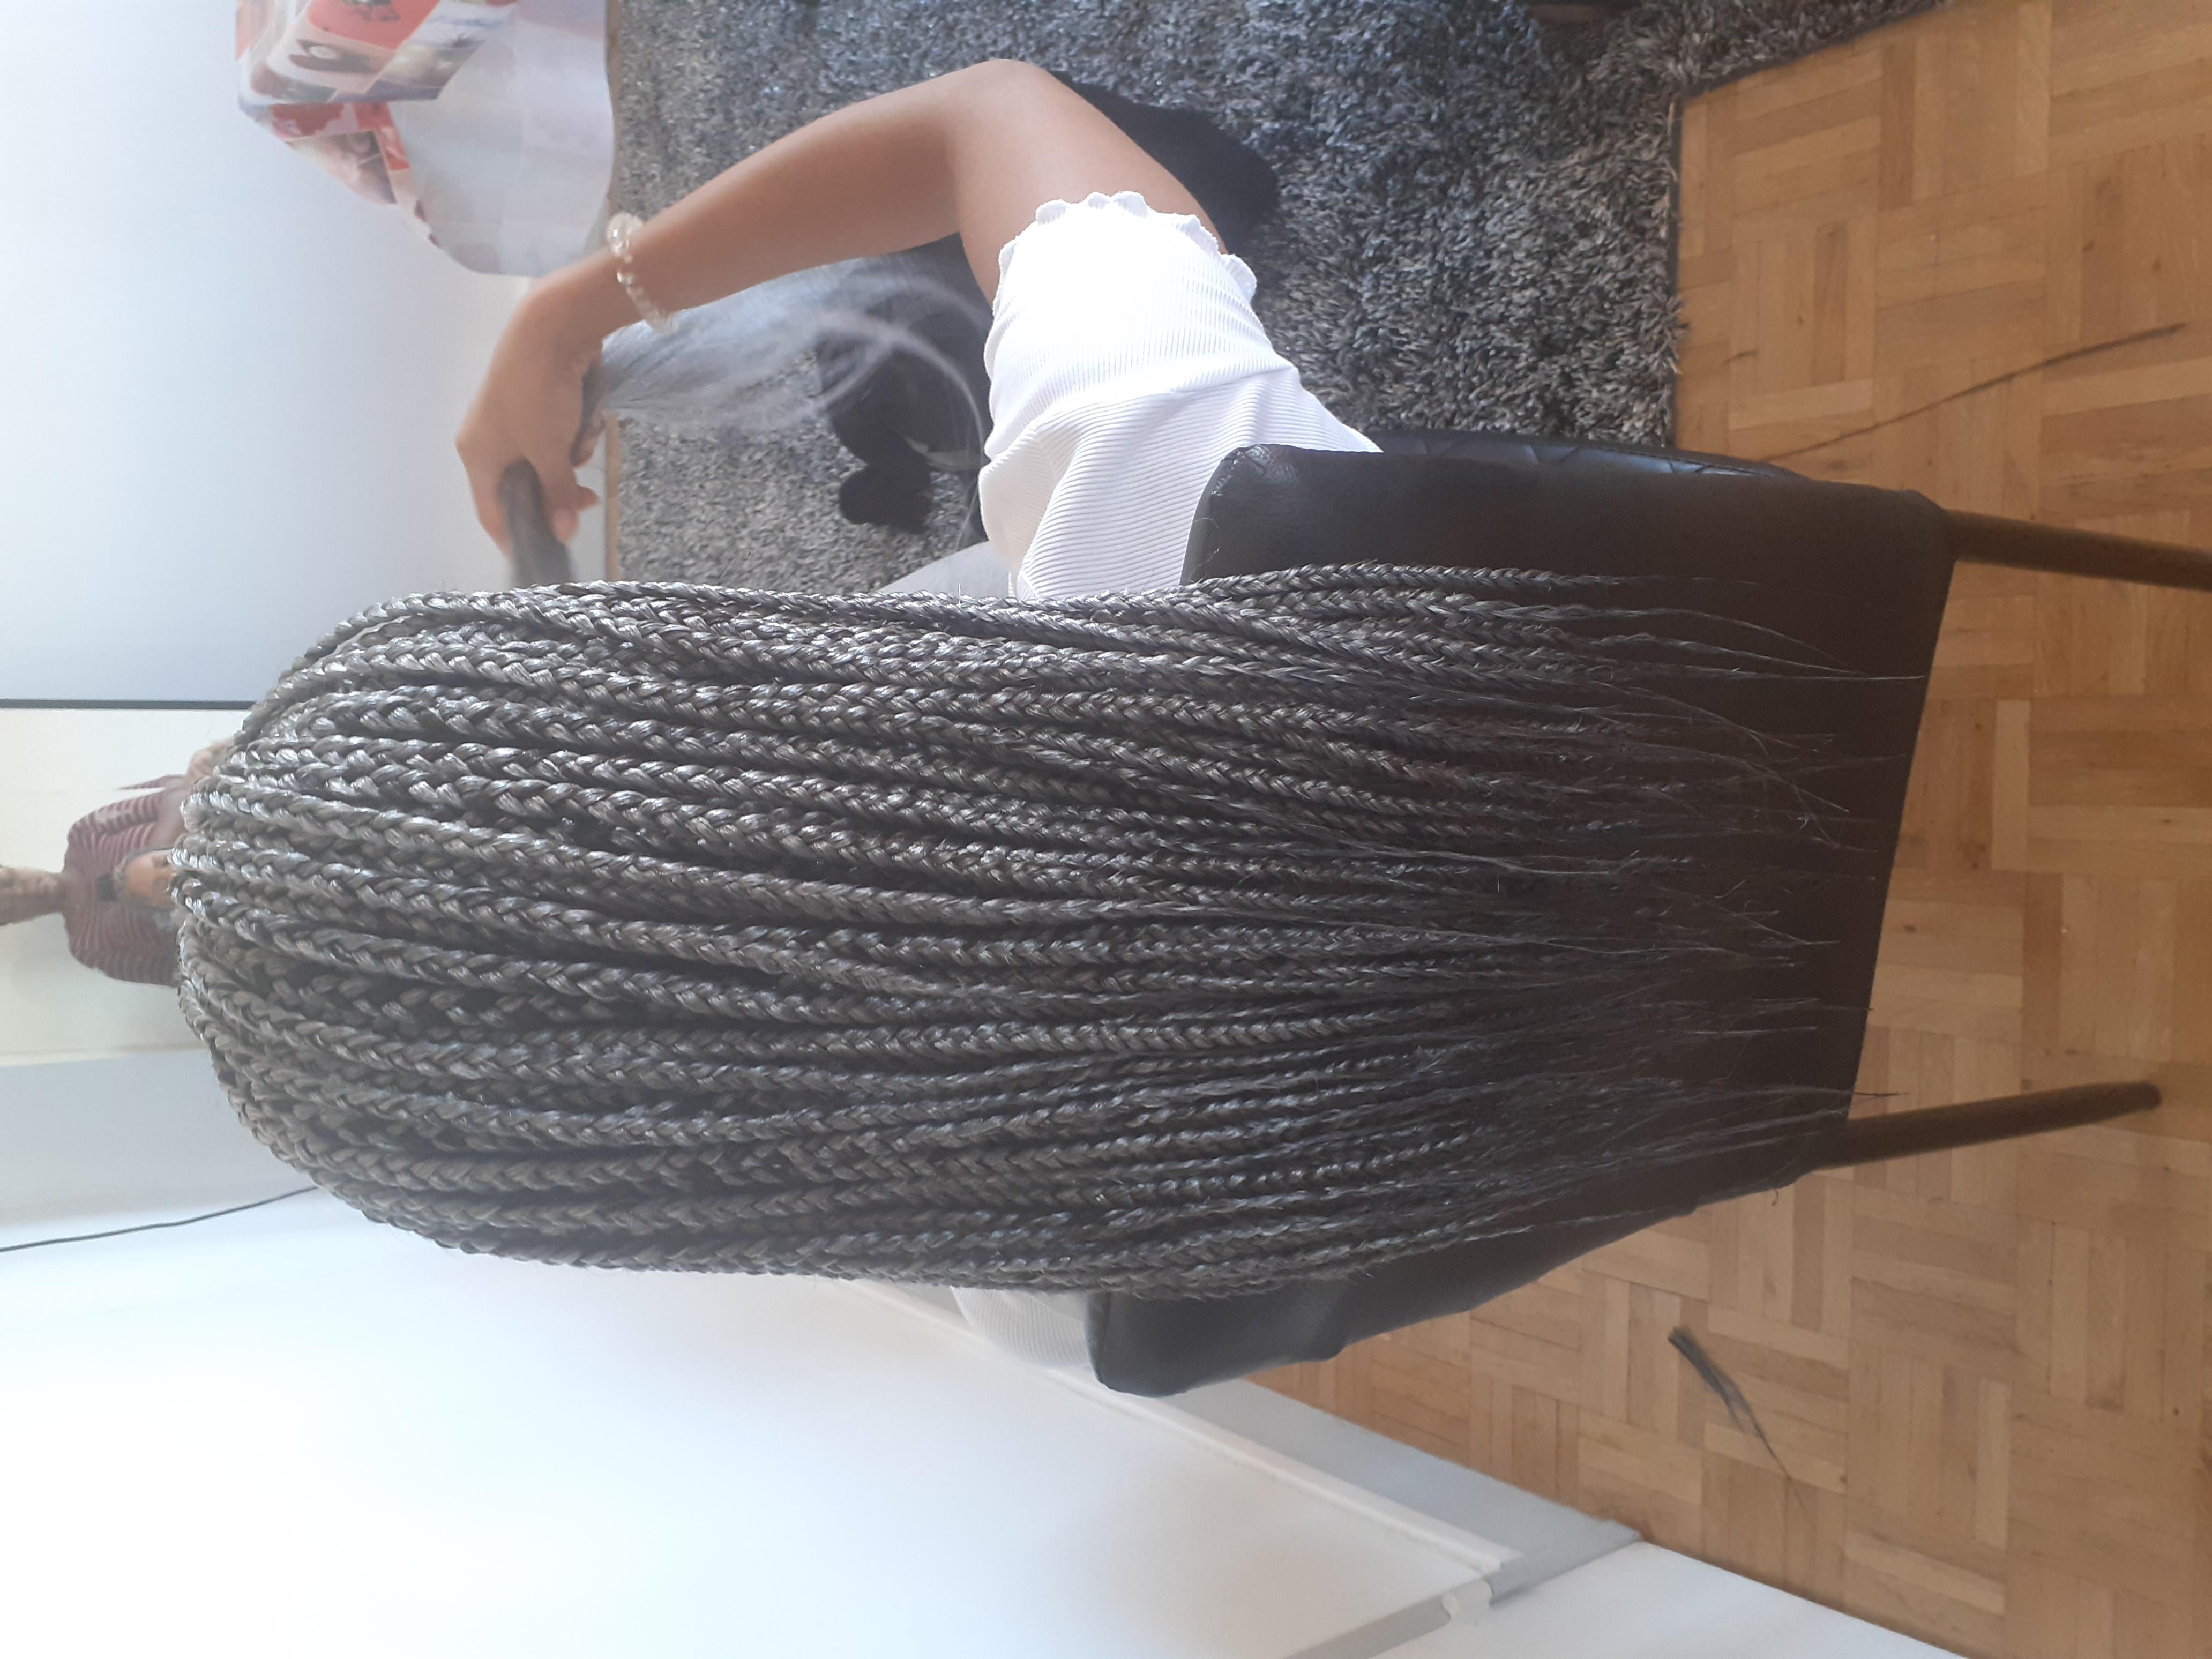 salon de coiffure afro tresse tresses box braids crochet braids vanilles tissages paris 75 77 78 91 92 93 94 95 DJWVOVRB